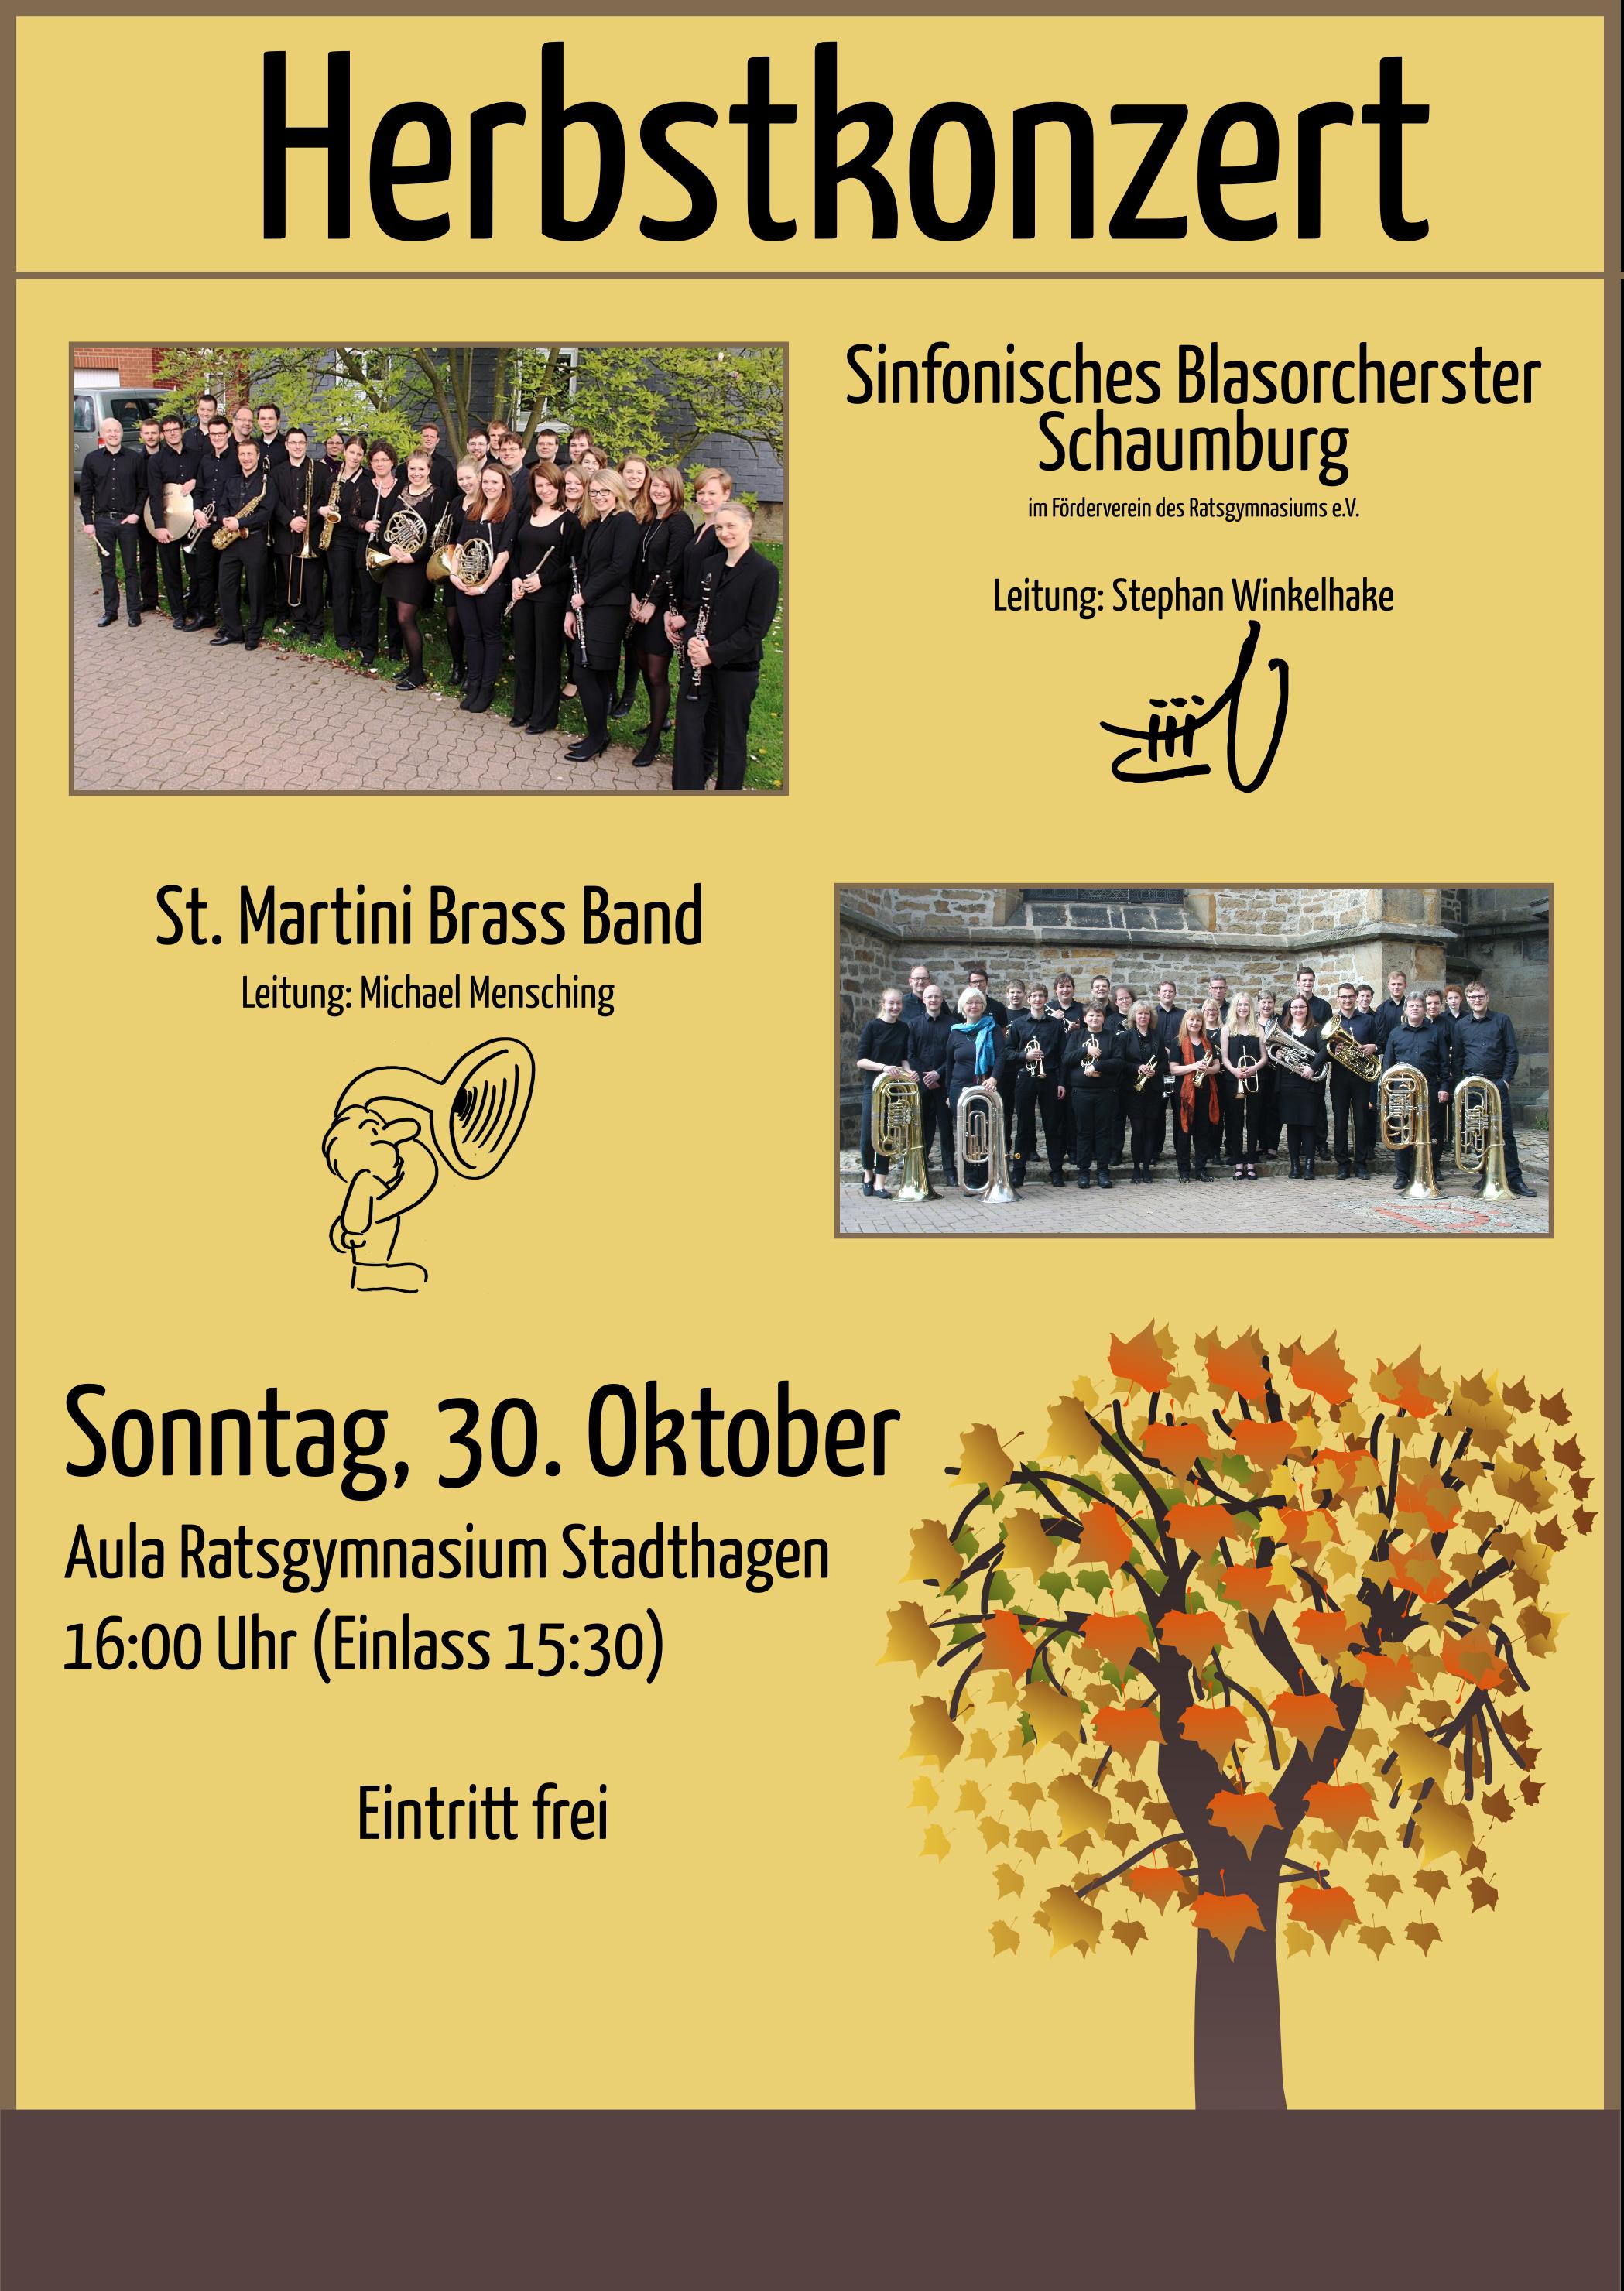 Plakat zum gemeinsamen Herbstkonzert der St. Martini Brass Band aus Stadthagen und dem Sinfonischen Blasorchester Schaumburg am 30.10.2016.